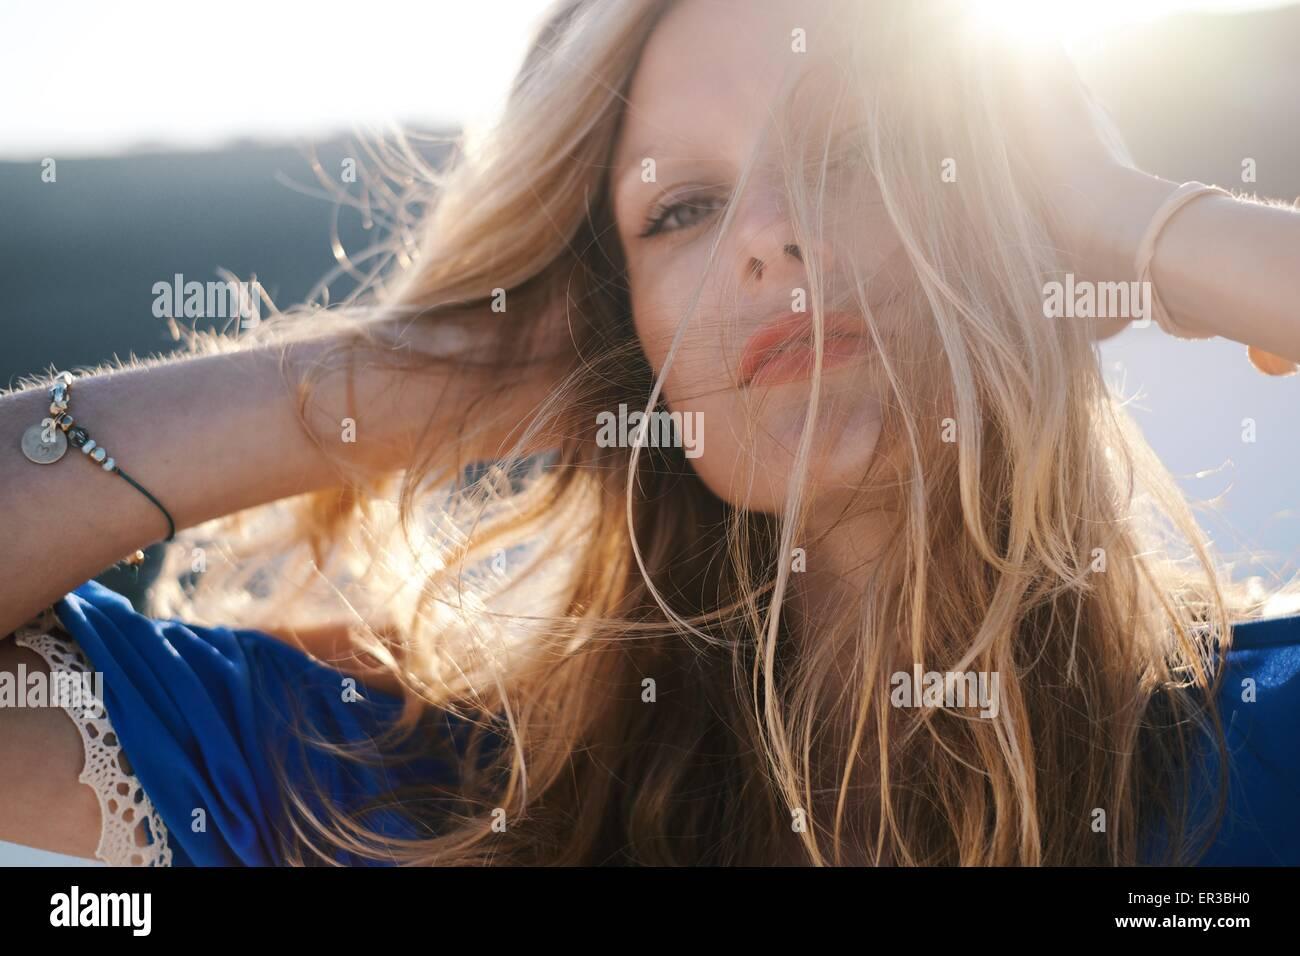 Mujer girando sus manos a través de su cabello Imagen De Stock